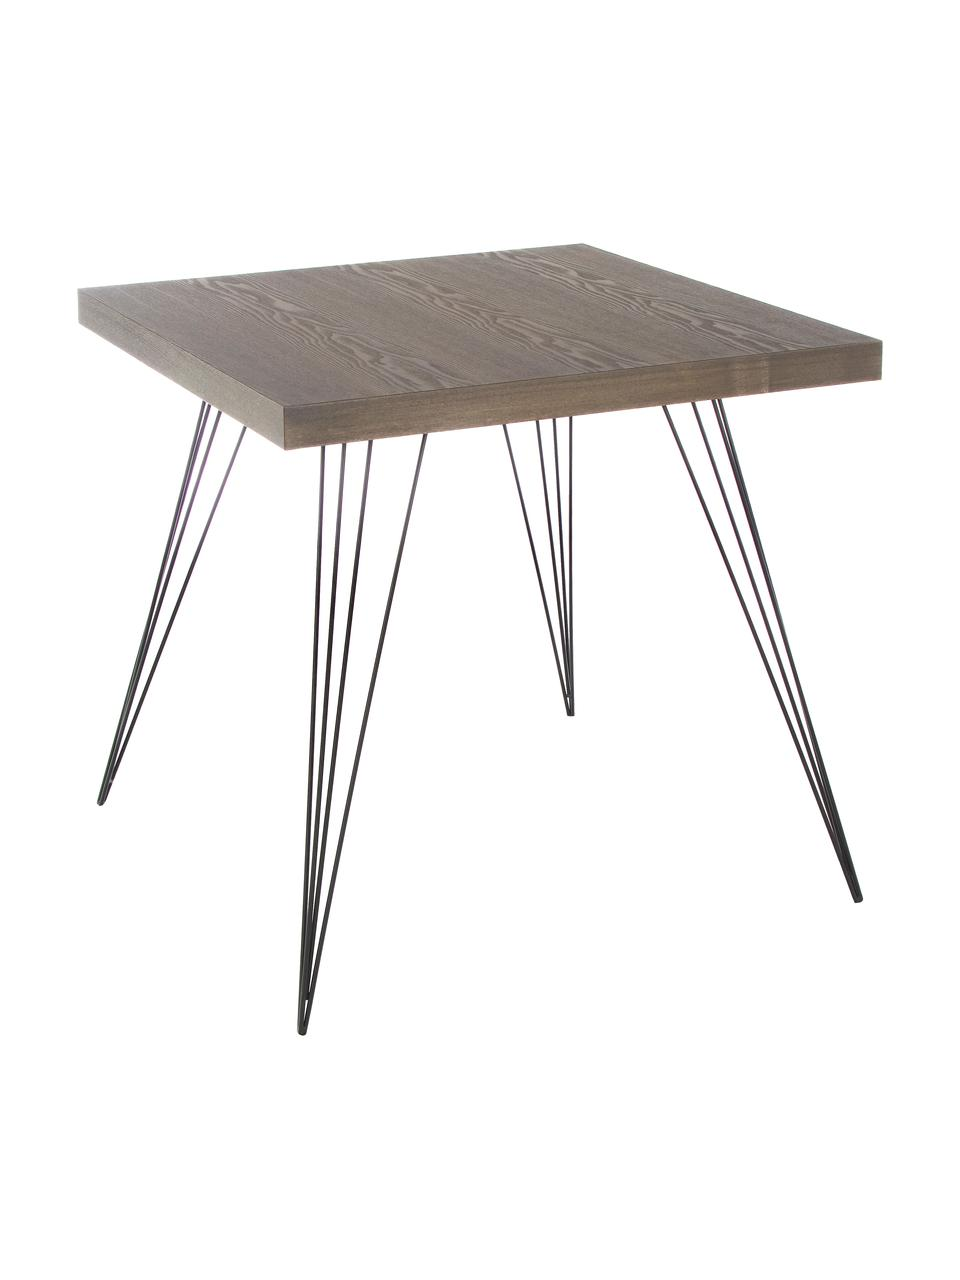 Tavolo quadrato Wolcott, Piedini: ferro verniciato, Marrone scuro, nero, Larg. 80 x Prof. 80 cm